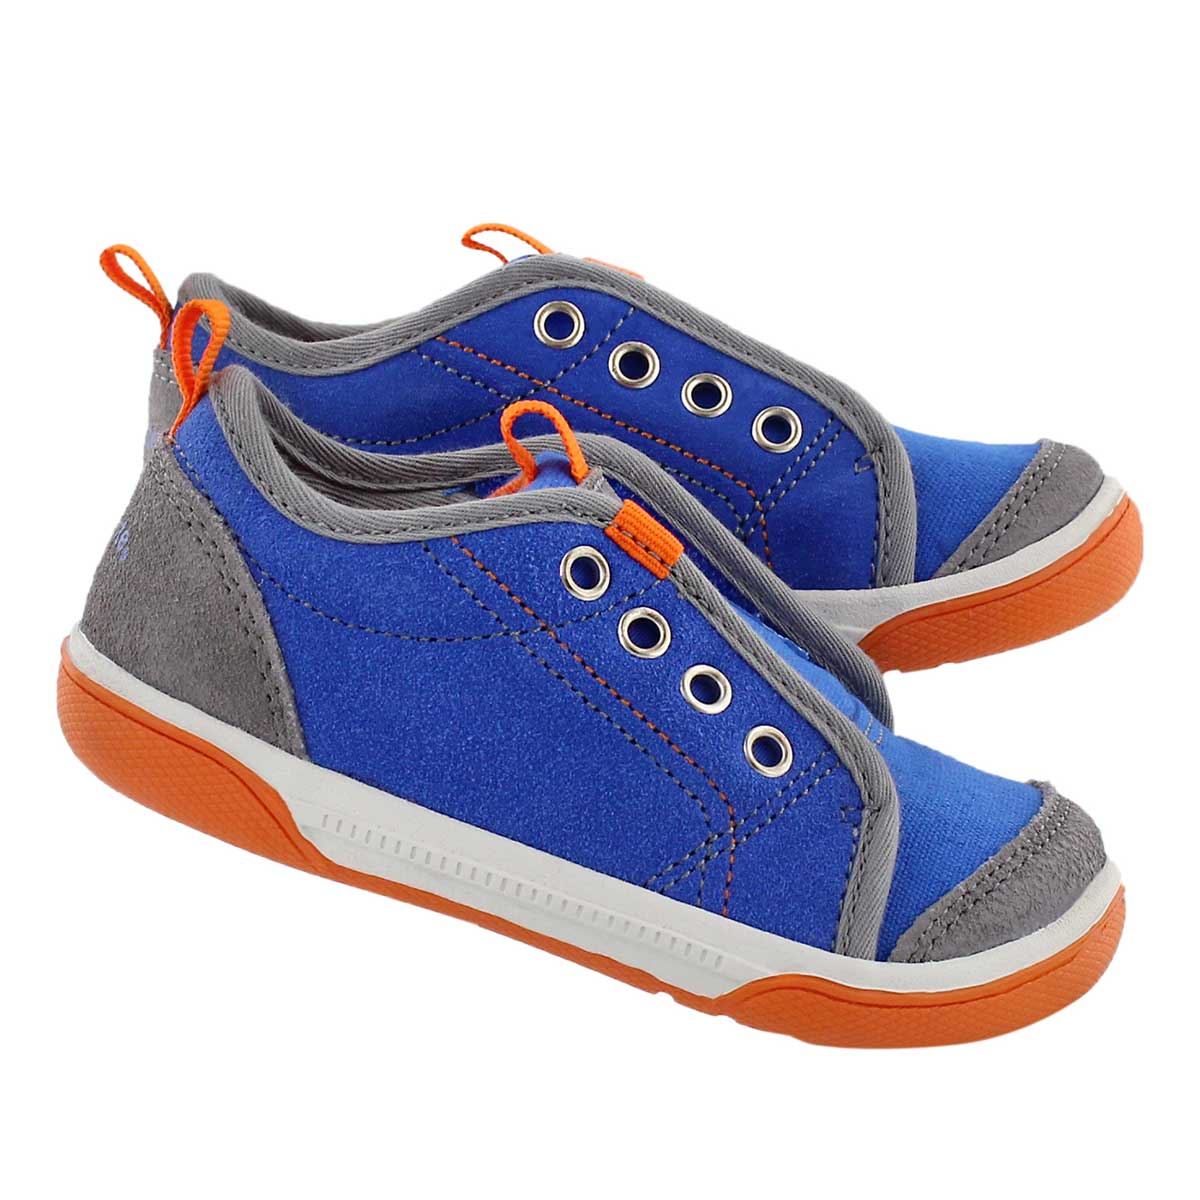 Inf Chet blue laceless slip on sneaker